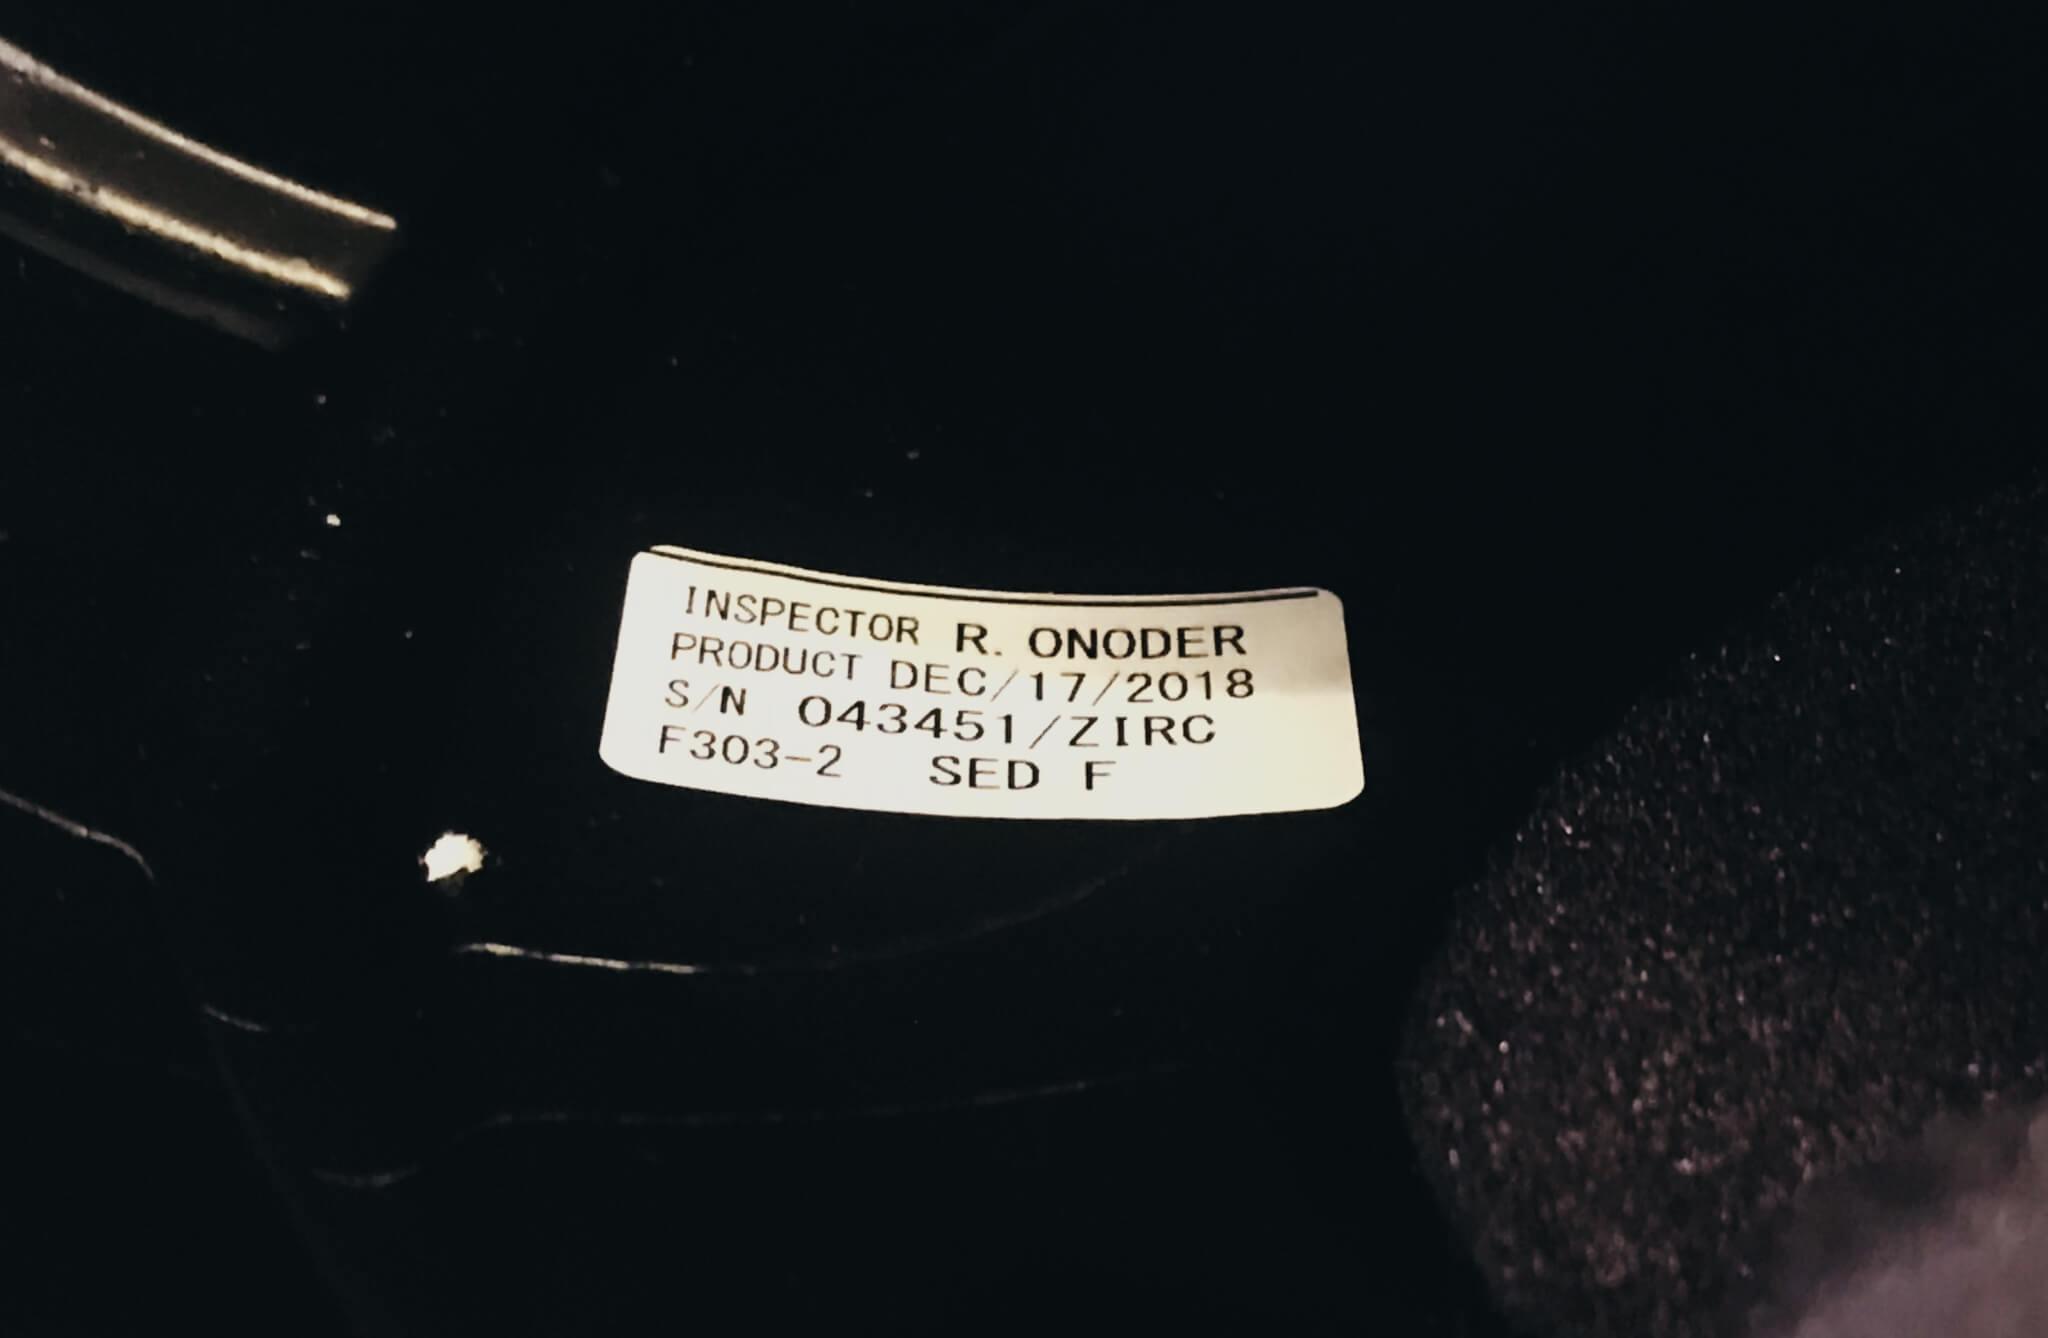 Productiedatum van een motorhelm